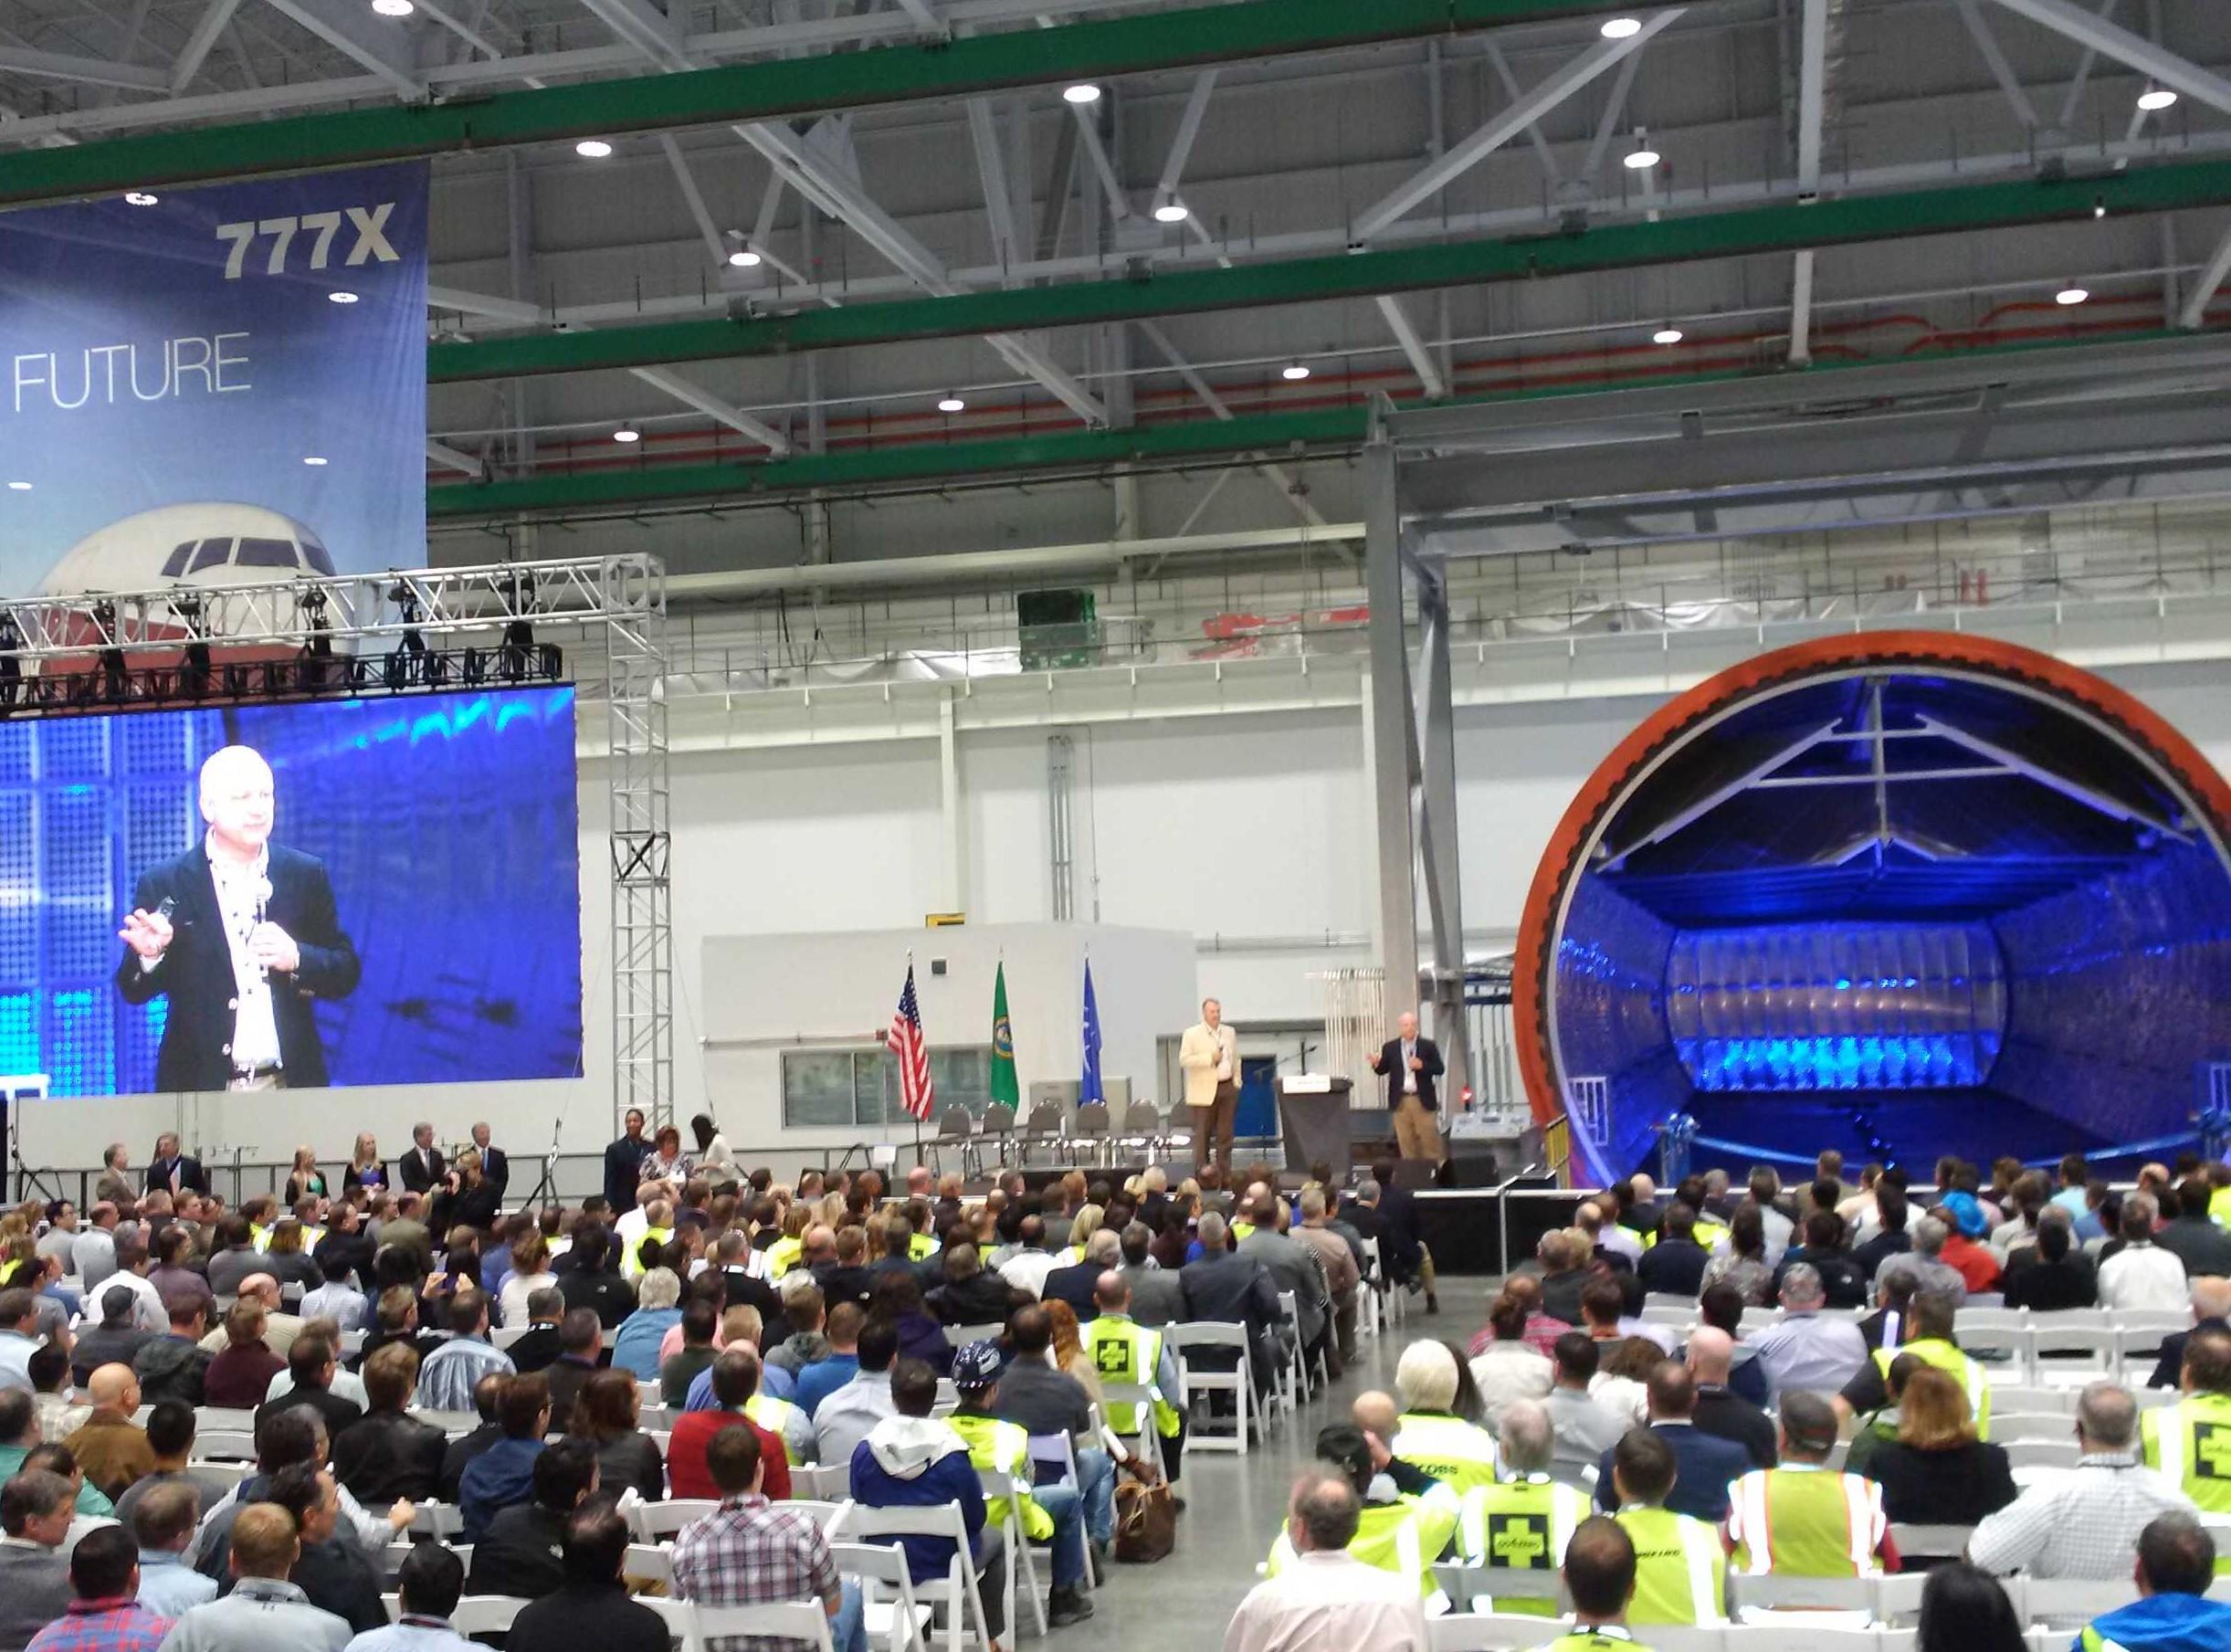 Boeing opens billion-dollar 777X wing factory – GeekWire